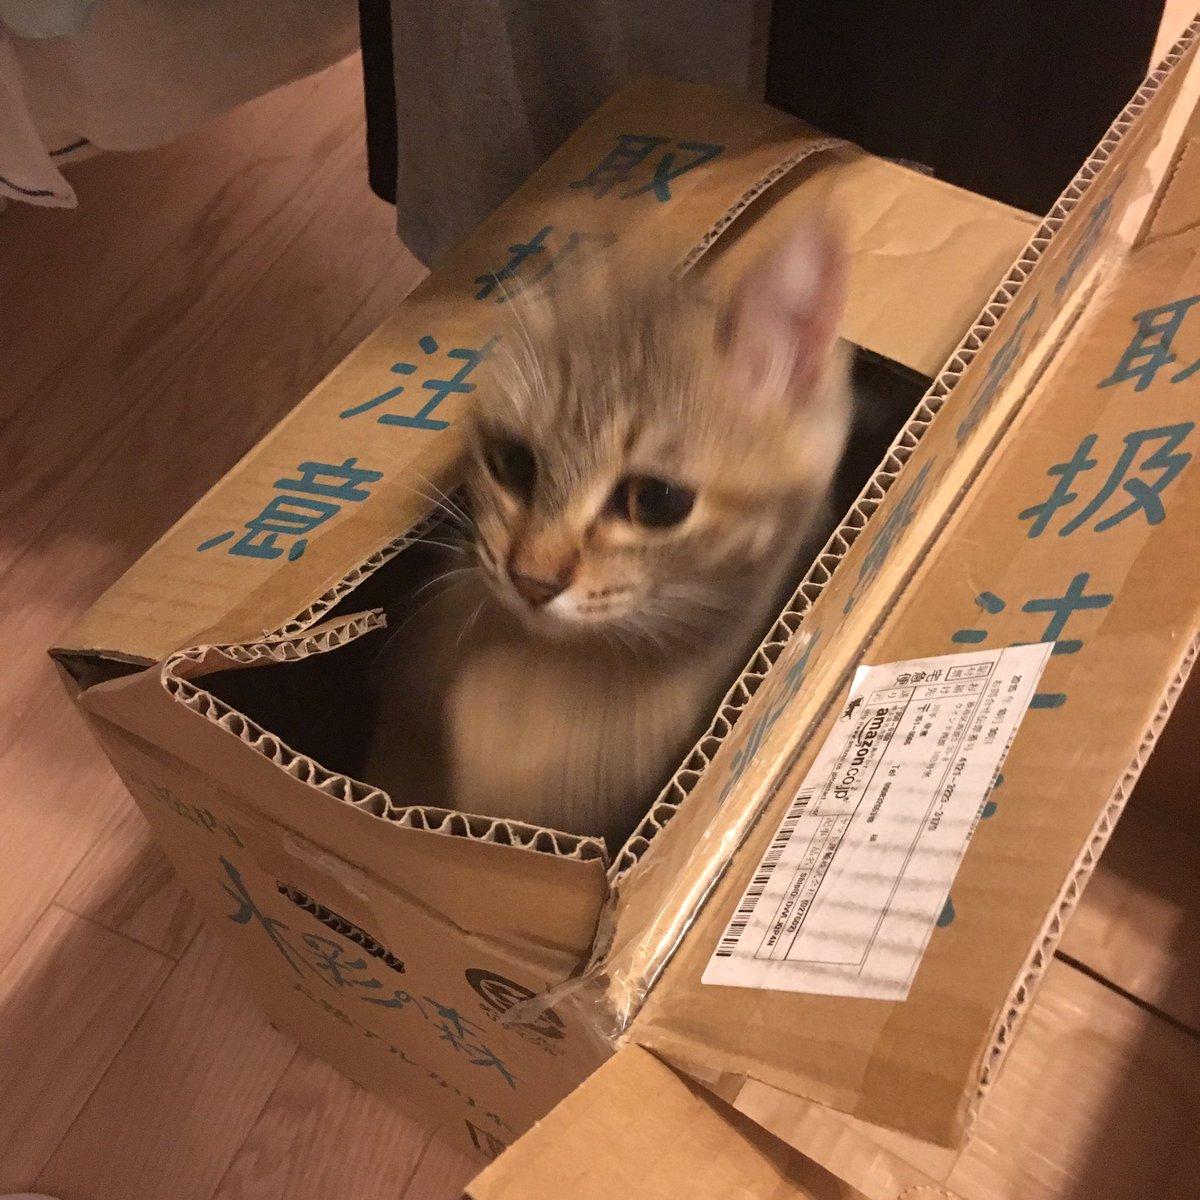 箱から猫が爆発的に発生する瞬間 https://t.co/jjN04FKxH1